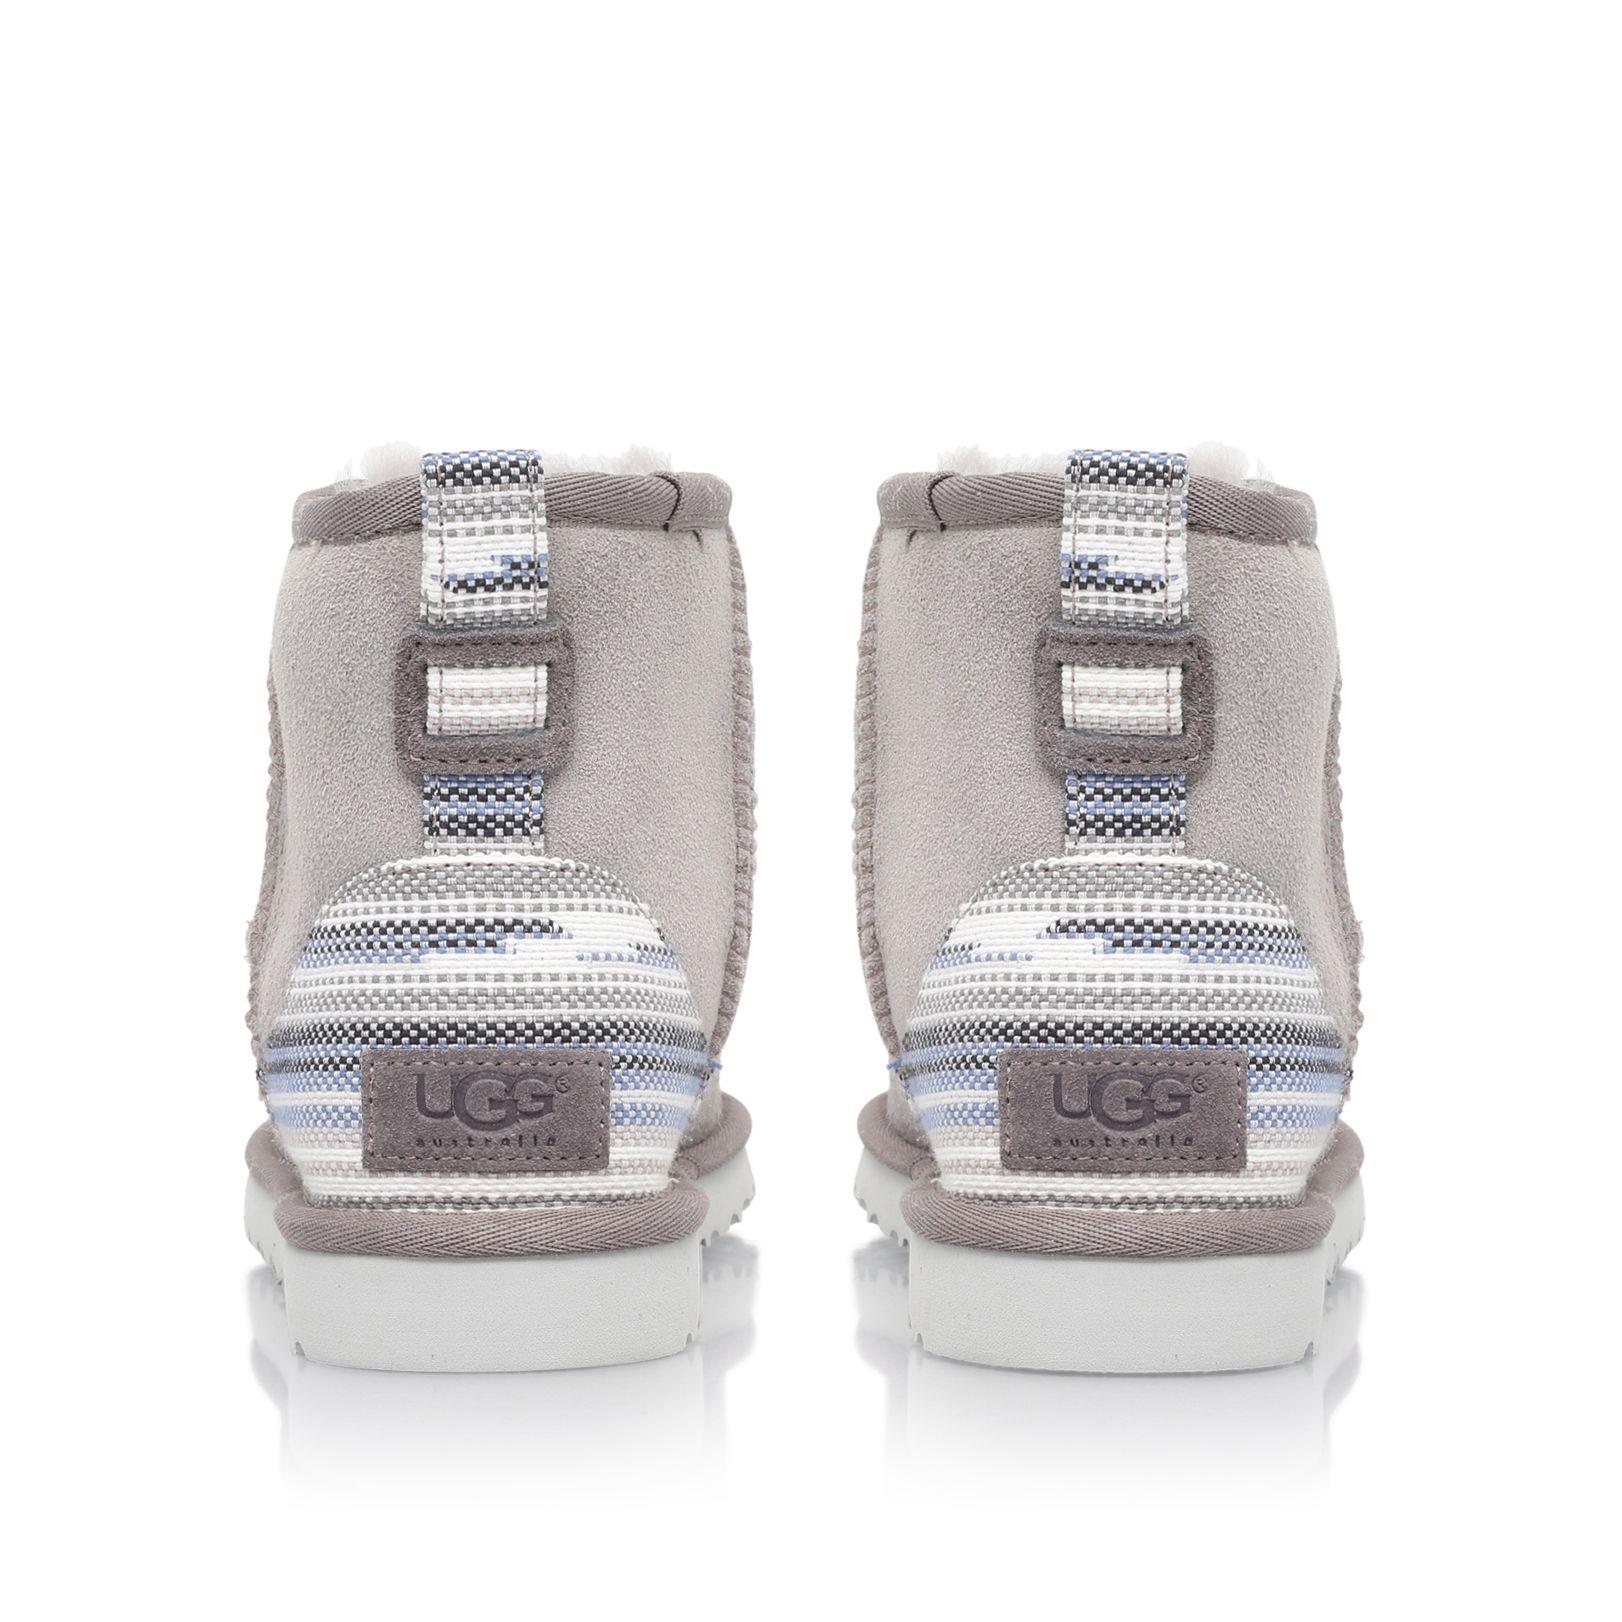 UGG Fur Classic Mini Serape in Light Grey (Grey)